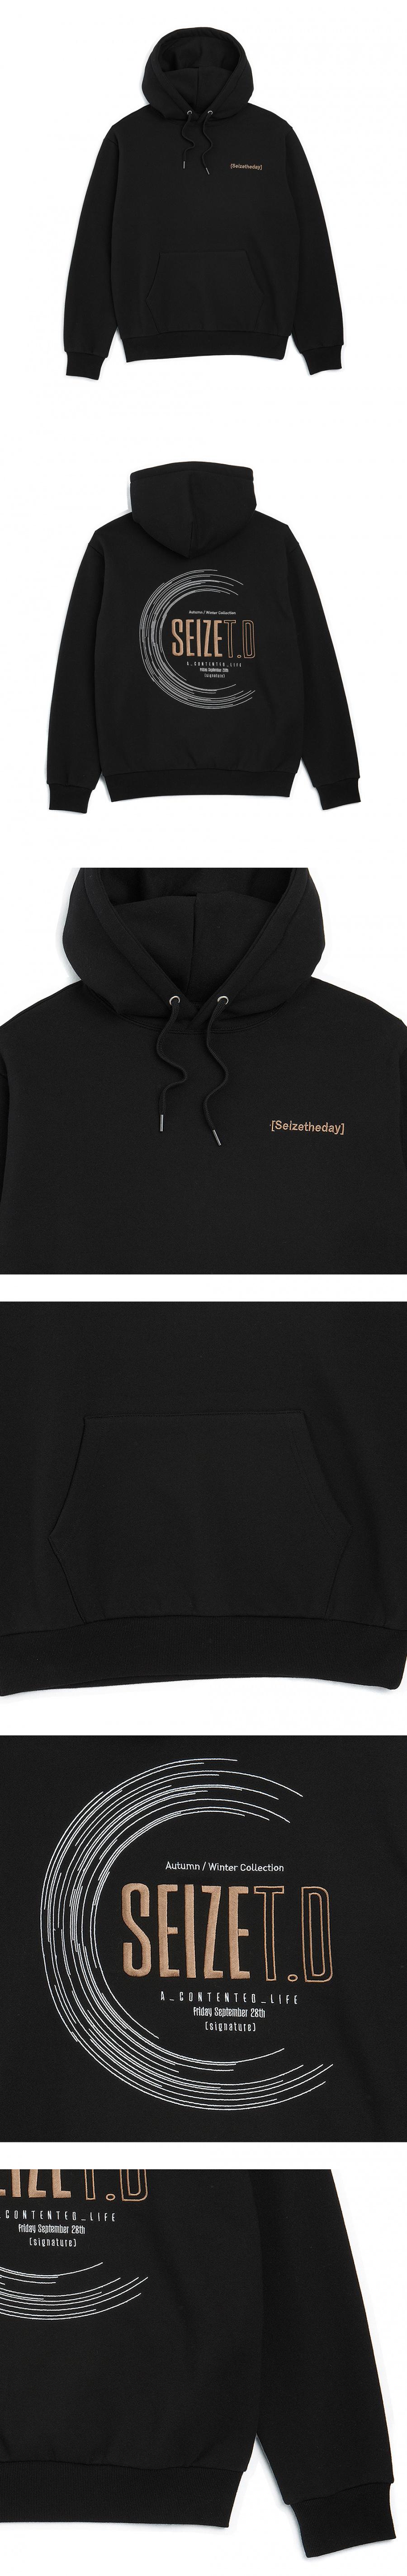 시즈더데이(SEIZETHEDAY) 콤플렉스 라운딩 후드 블랙